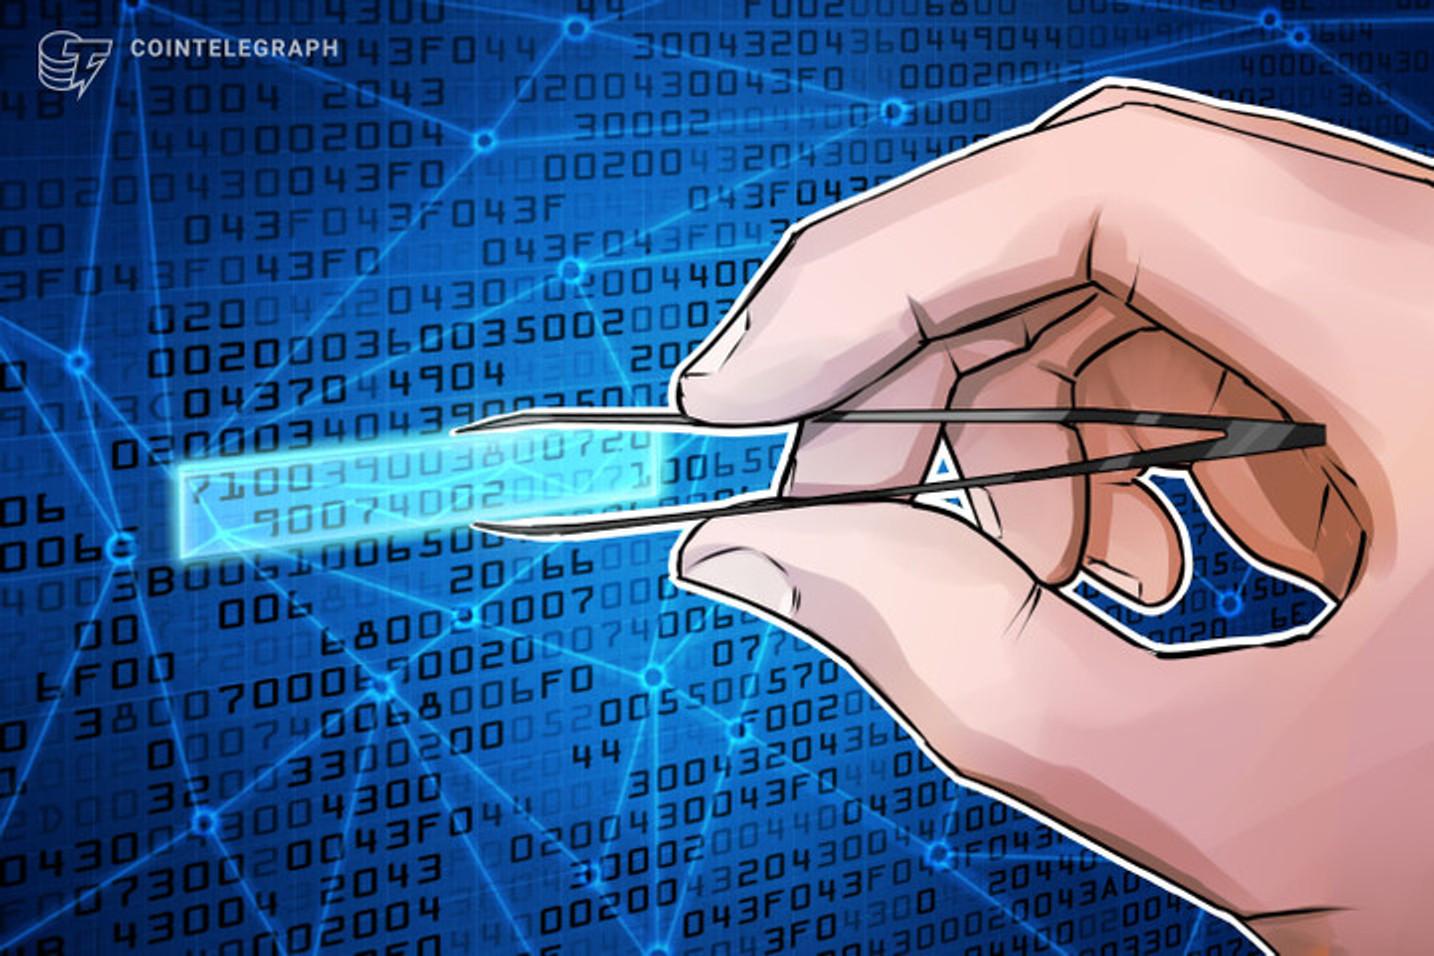 Próxima atualização do Bitcoin deve tornar o protocolo mais privado e a implementação dos smartcontracts possível